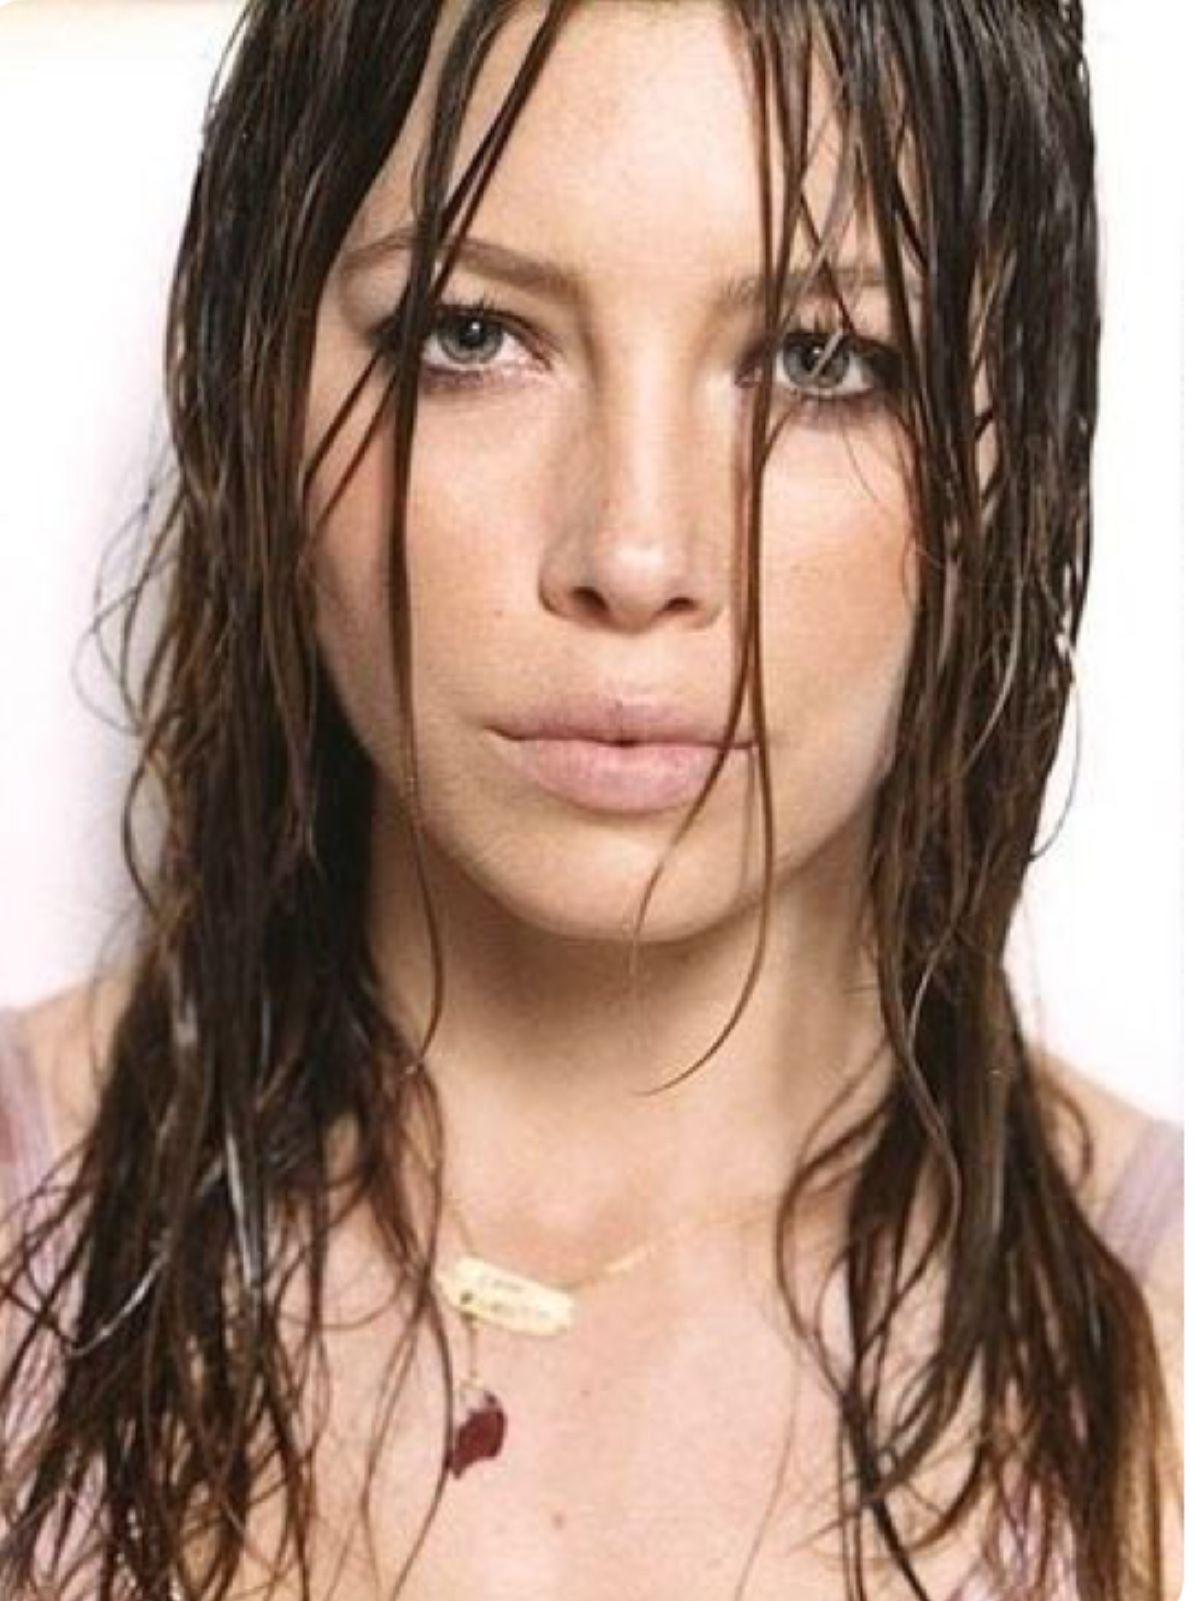 Gina-Lisa Lohfink Leaked Photos #TheFappening